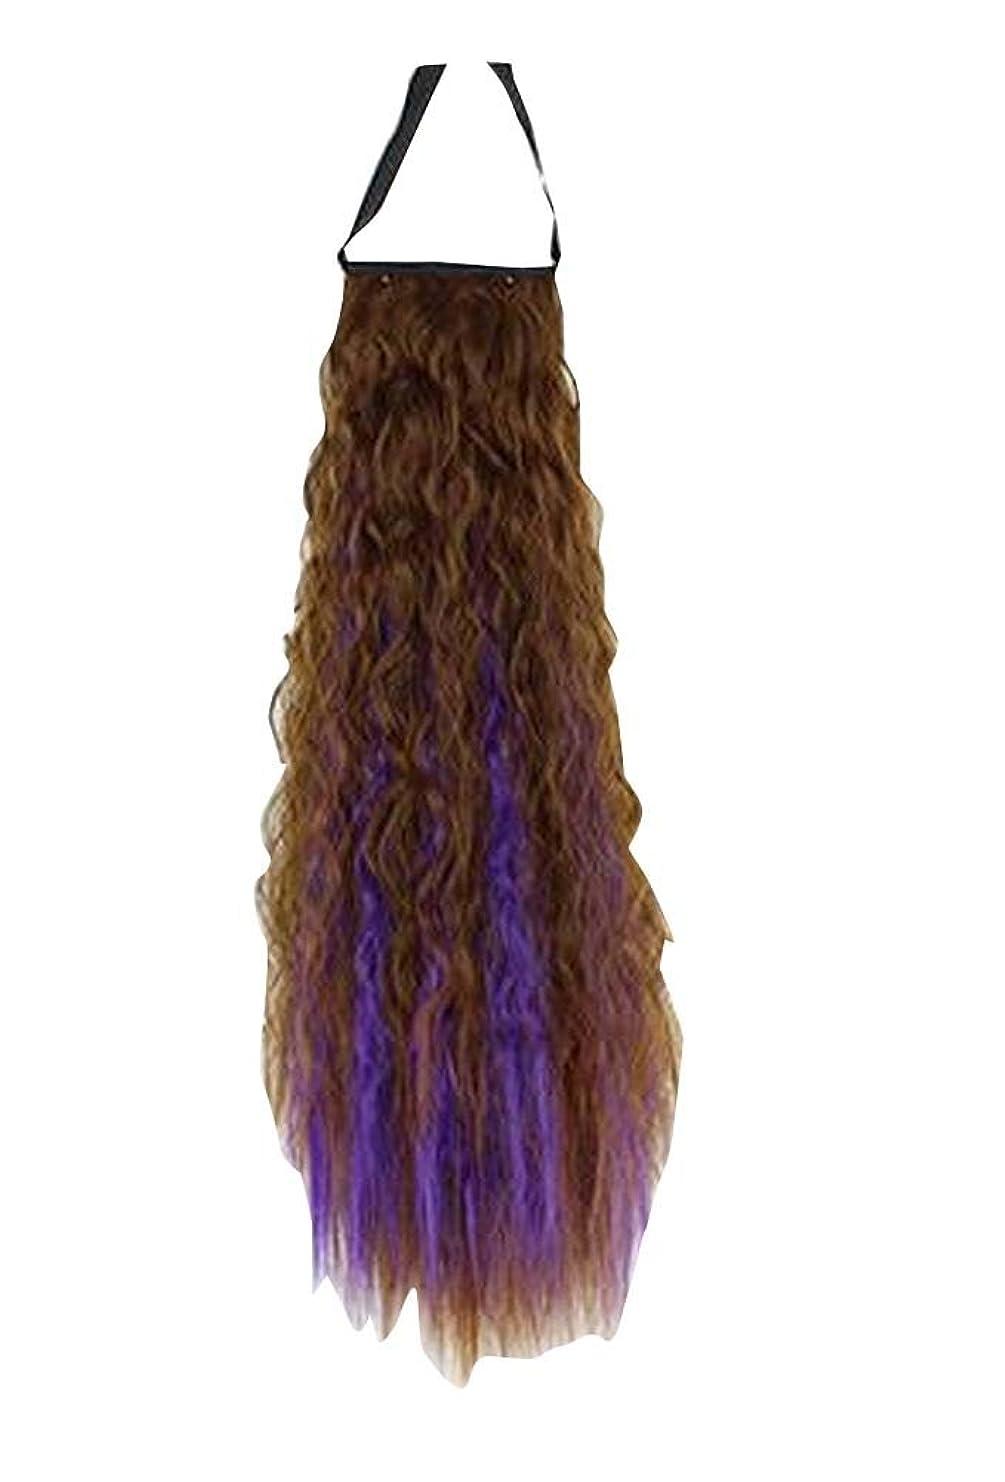 サイクロプス立ち寄るスキッパーふわふわの女性のヘアエクステンションバンドヘアウィッグ